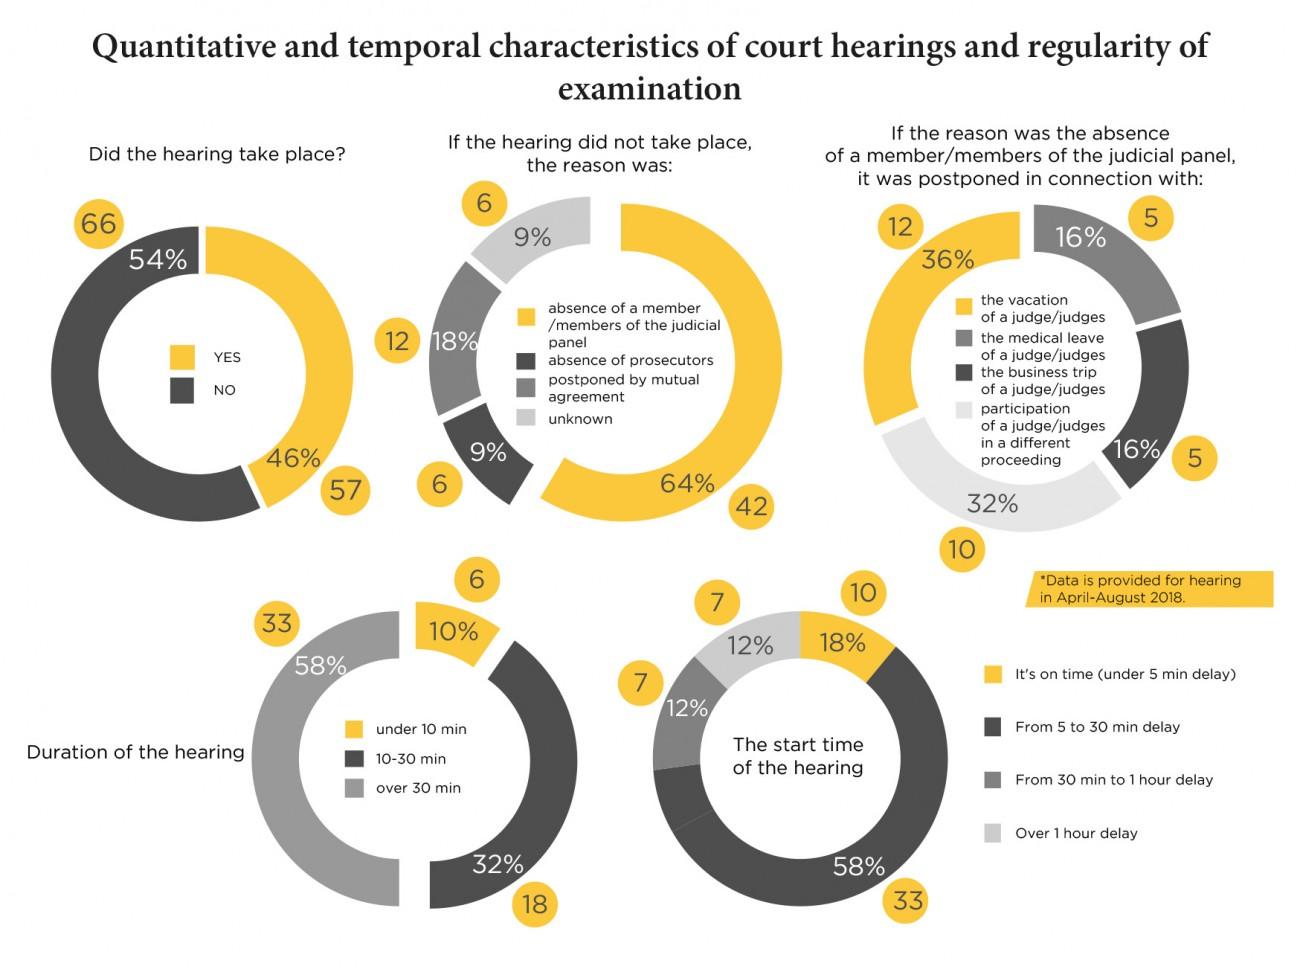 З'явилася англомовна версія звіту з моніторингу судів